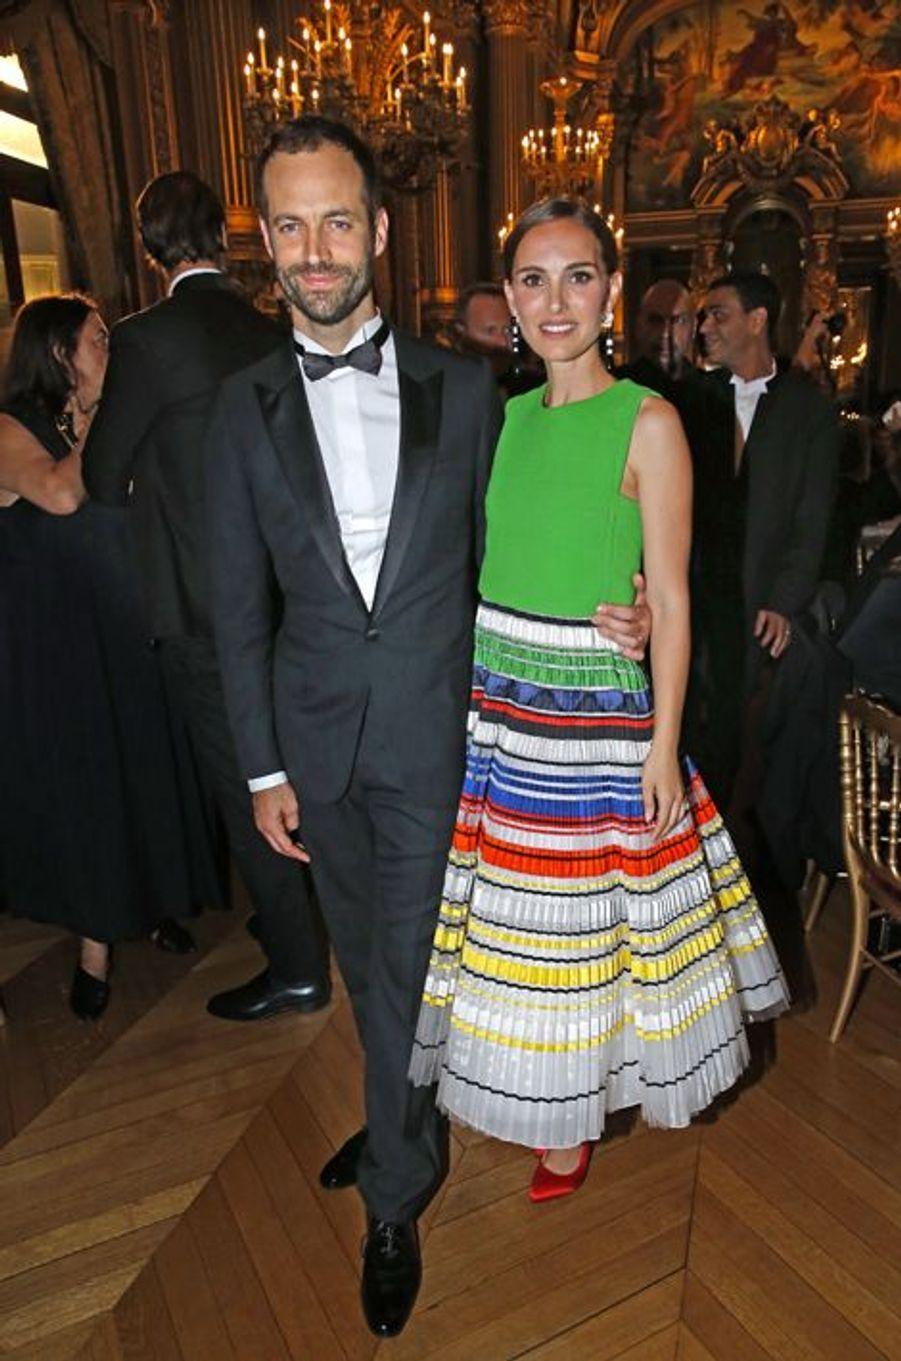 Benjamin Millepied et sa femme Natalie Portman lors du Gala d'ouverture de la nouvelle saison de l'Opéra de Paris, le 24 septembre 2015